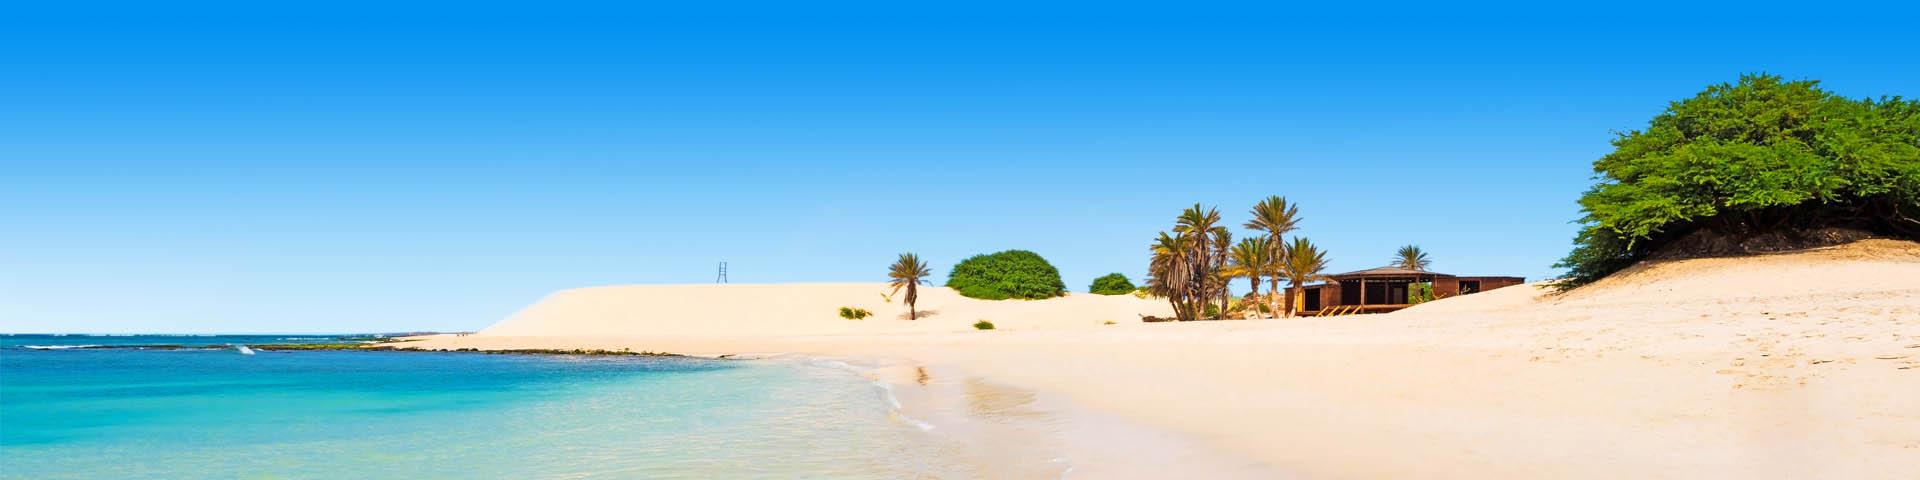 Parelwit zandstrand met helderblauw zeewater aan de kust van Kaapverdië